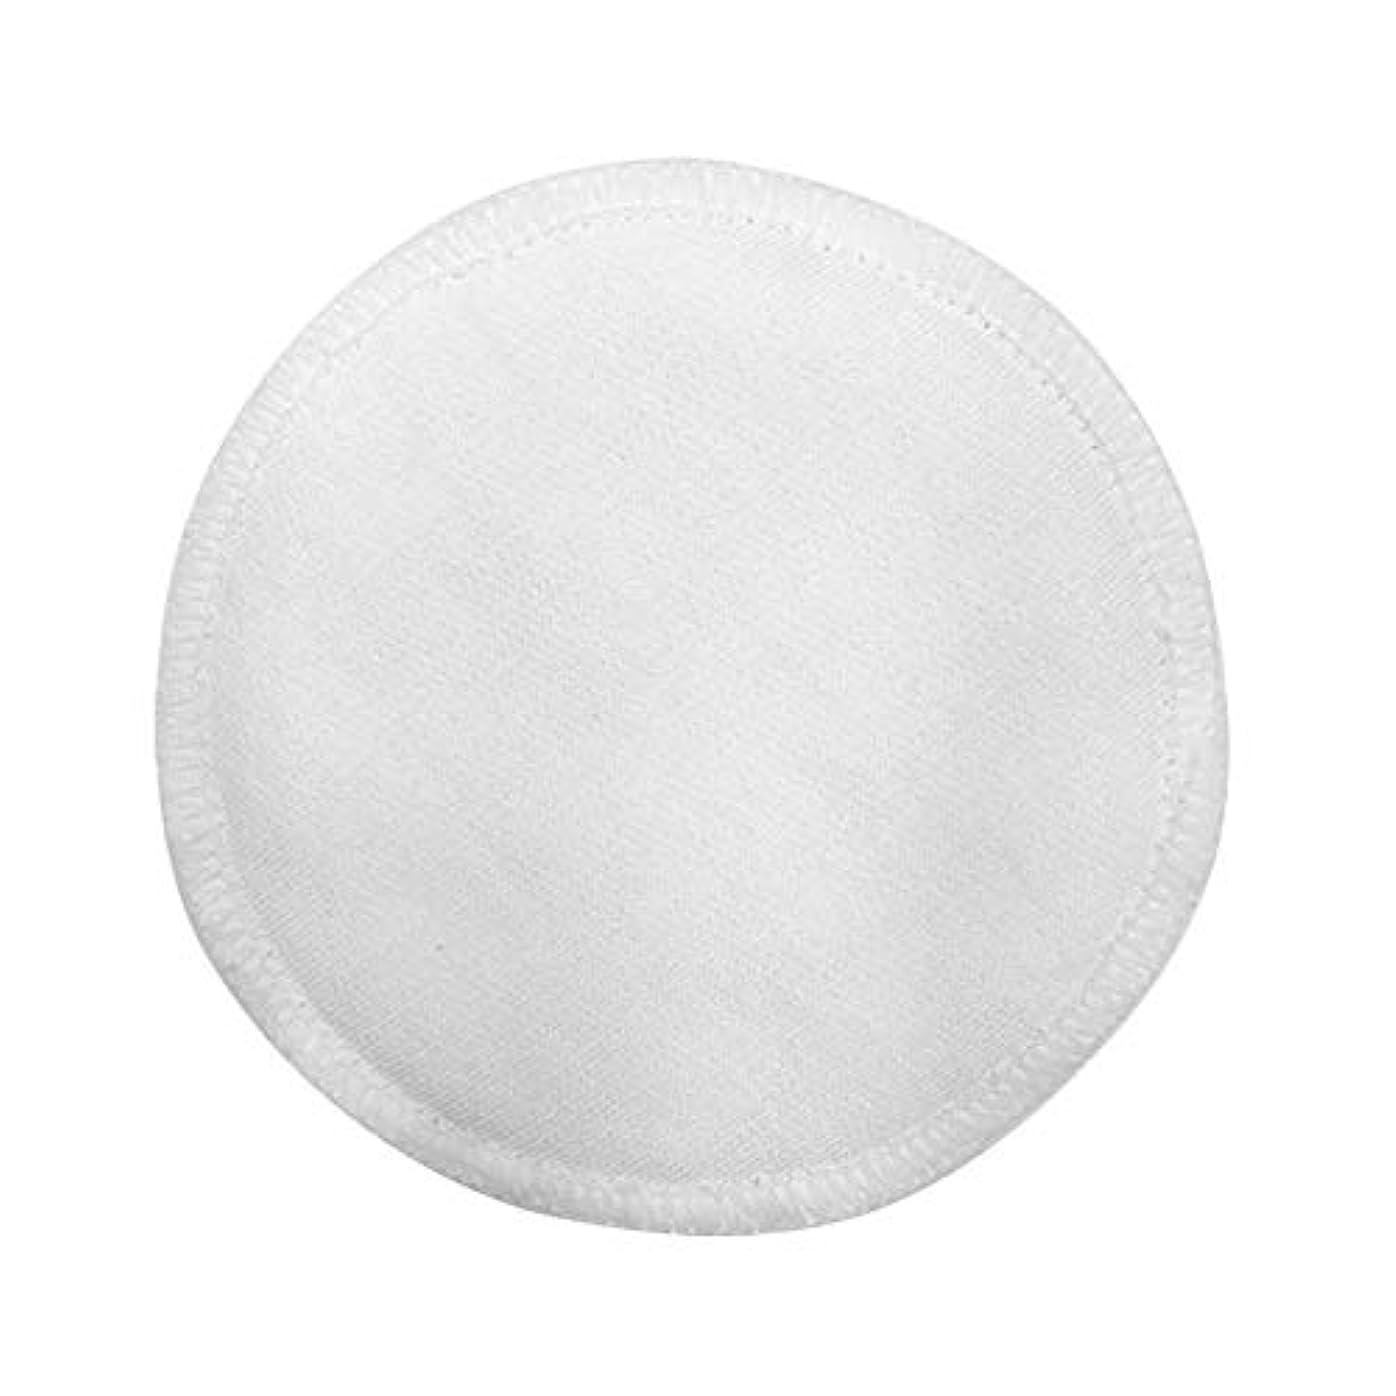 主張安いですおびえたメイク落としパッド 低刺激性 吸水性 柔らかい 耐久性 再利用可能 軽量 ポータブル 使いやすい メッシュバッグ付き 16個 クレンジングパッド 洗顔 お手入れが簡単